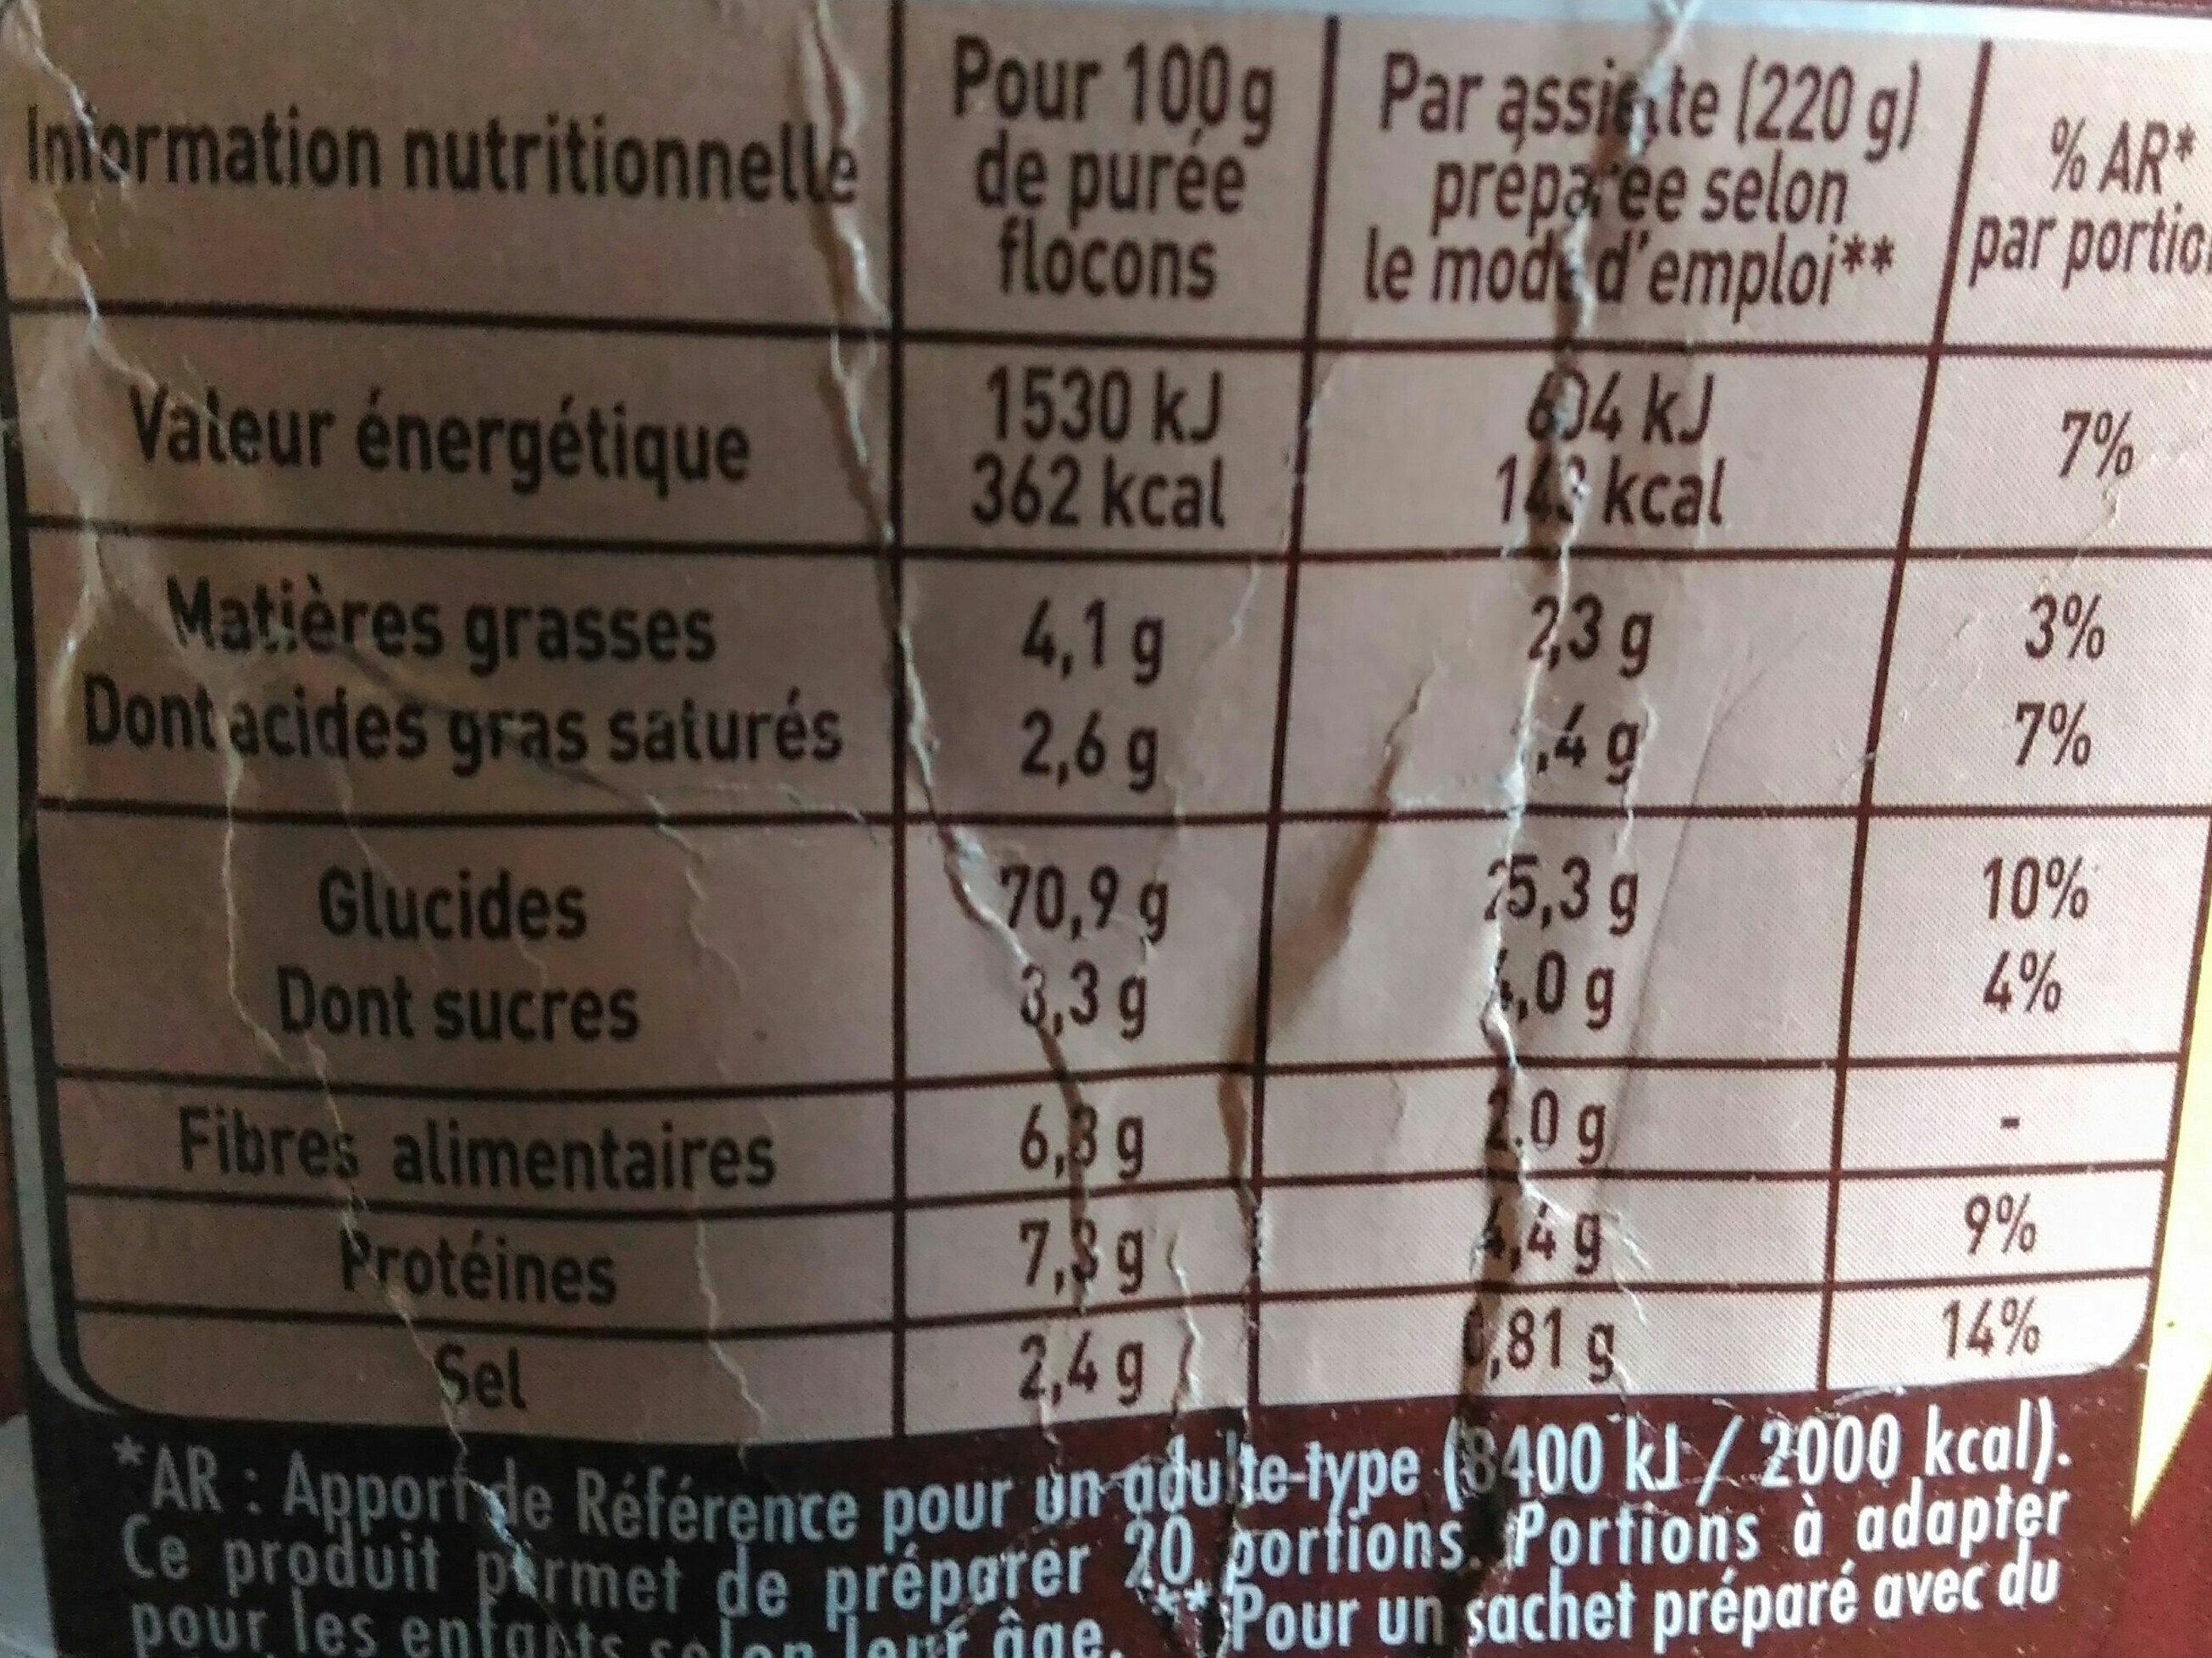 Purée en flocons de Pommes de terre, crème & noix muscade Mousline - Nutrition facts - fr